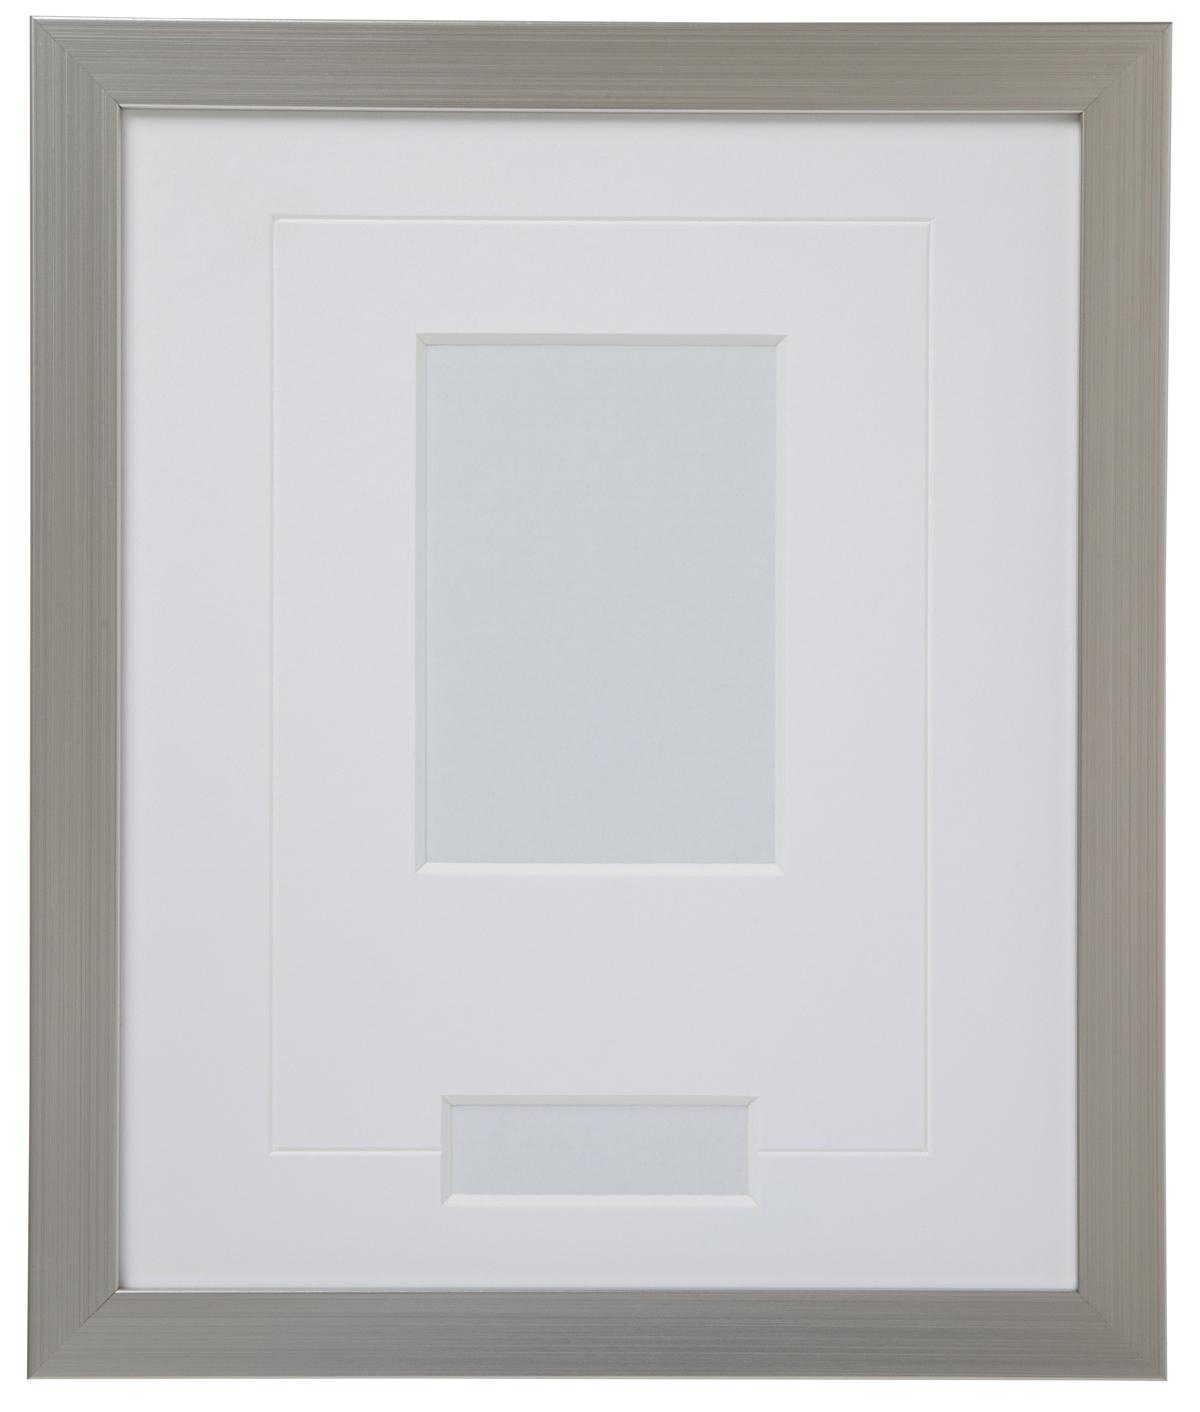 高級木製額縁 FB シルバー 小窓付 2L/縦